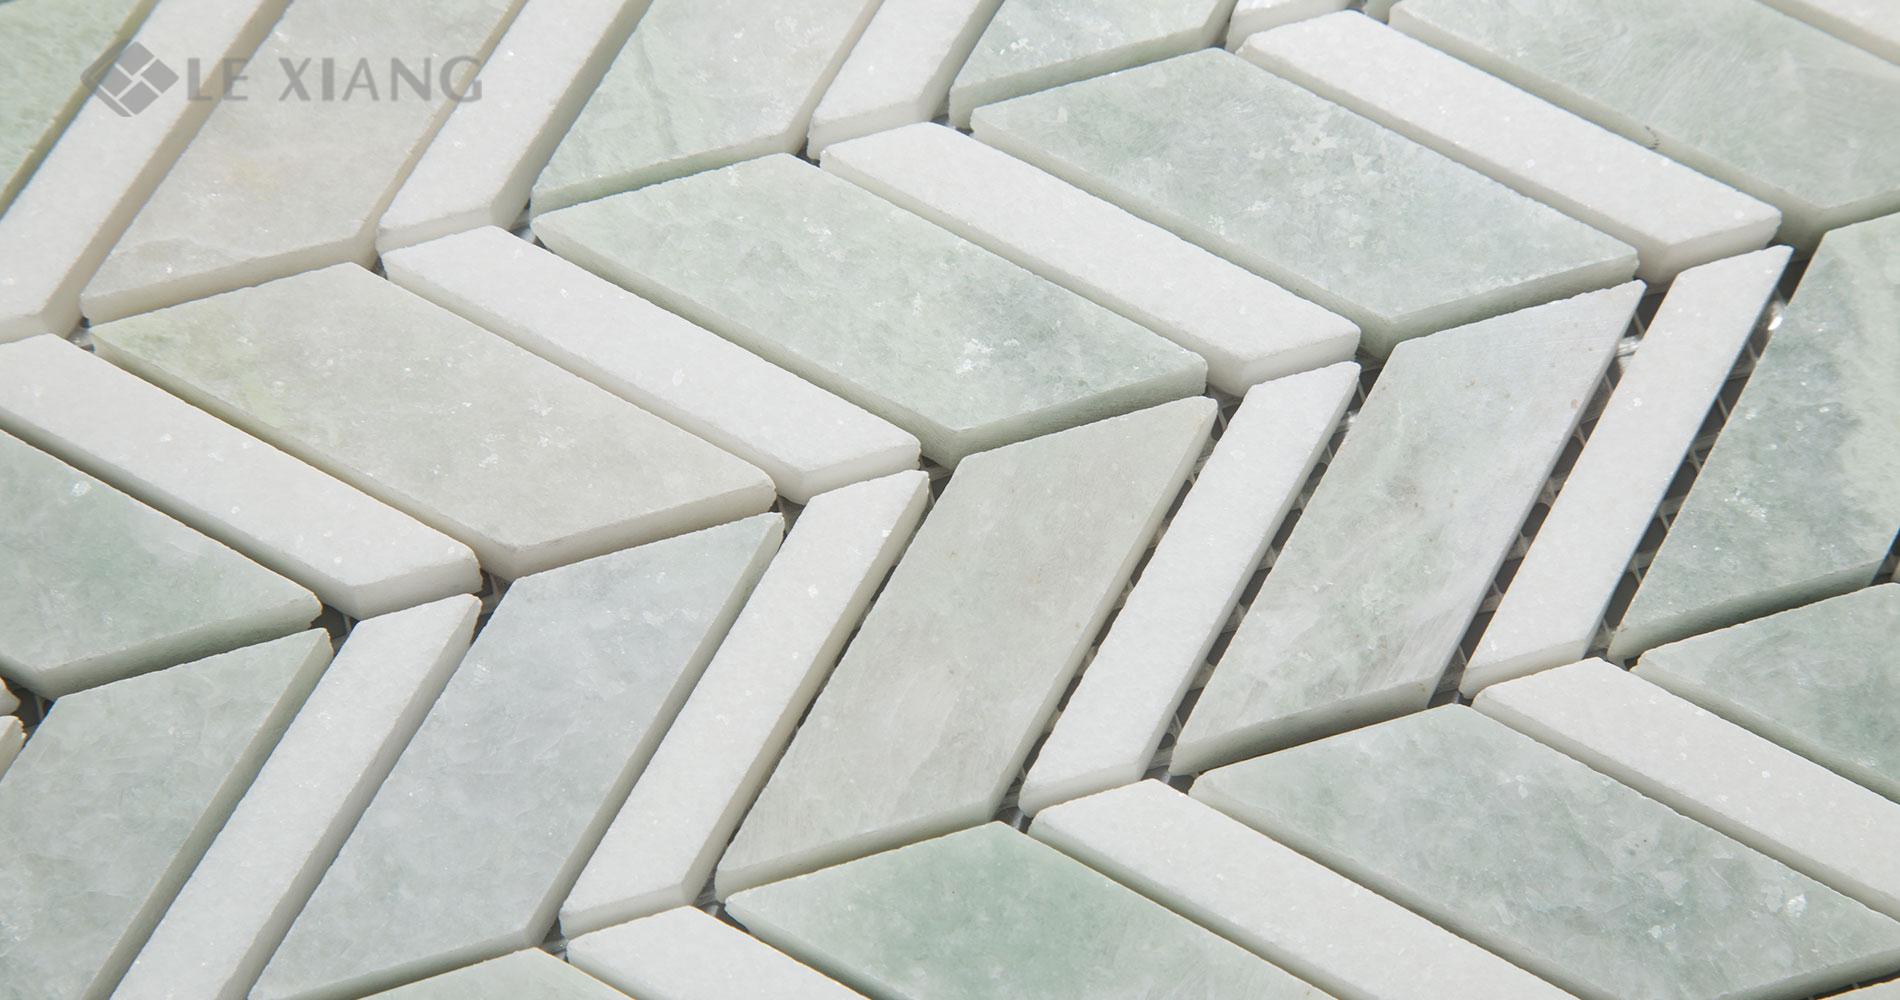 Chevron Pattern Marble Mosaic Tile Bothroom Floors Kitchen